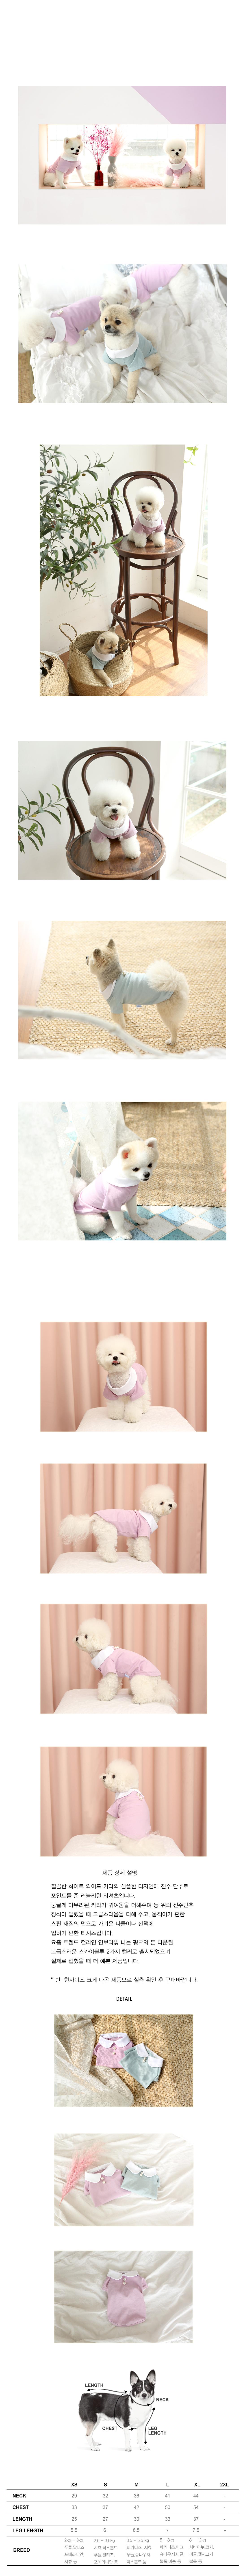 강아지 진주 카라 티셔츠 c1 - 피타, 34,000원, 의류/액세서리, 의류